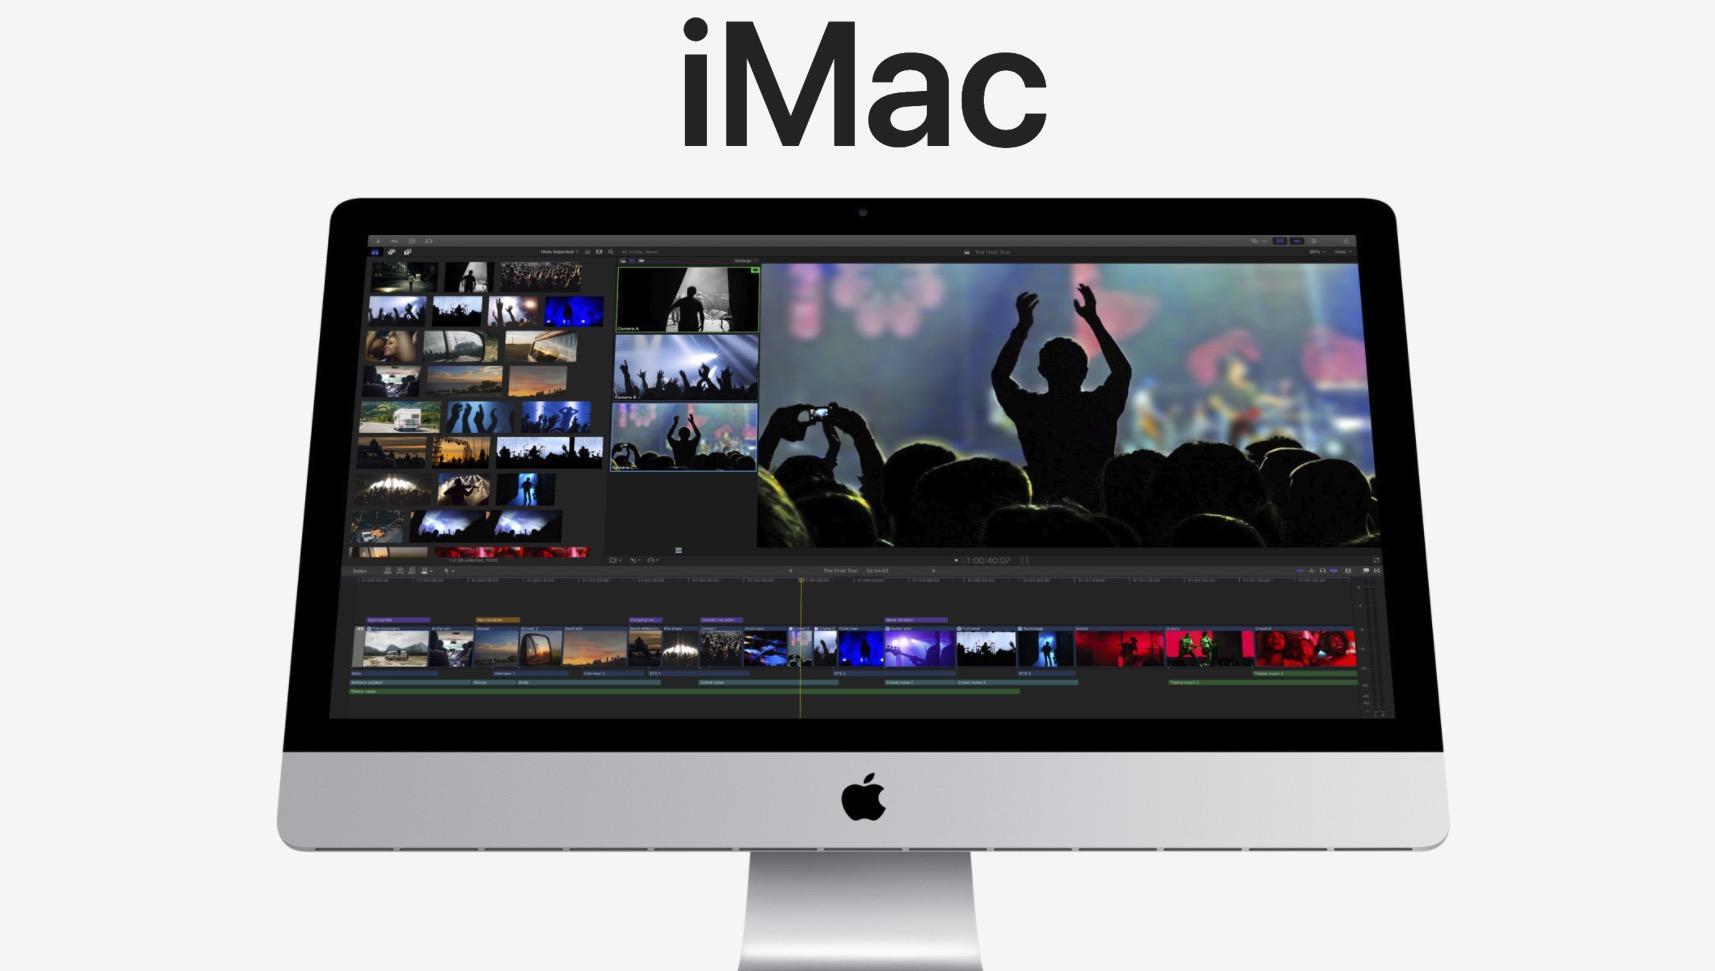 新款 27 英寸 iMac 发布: 搭载 1080P 摄像头,升级第十代酷睿处理器